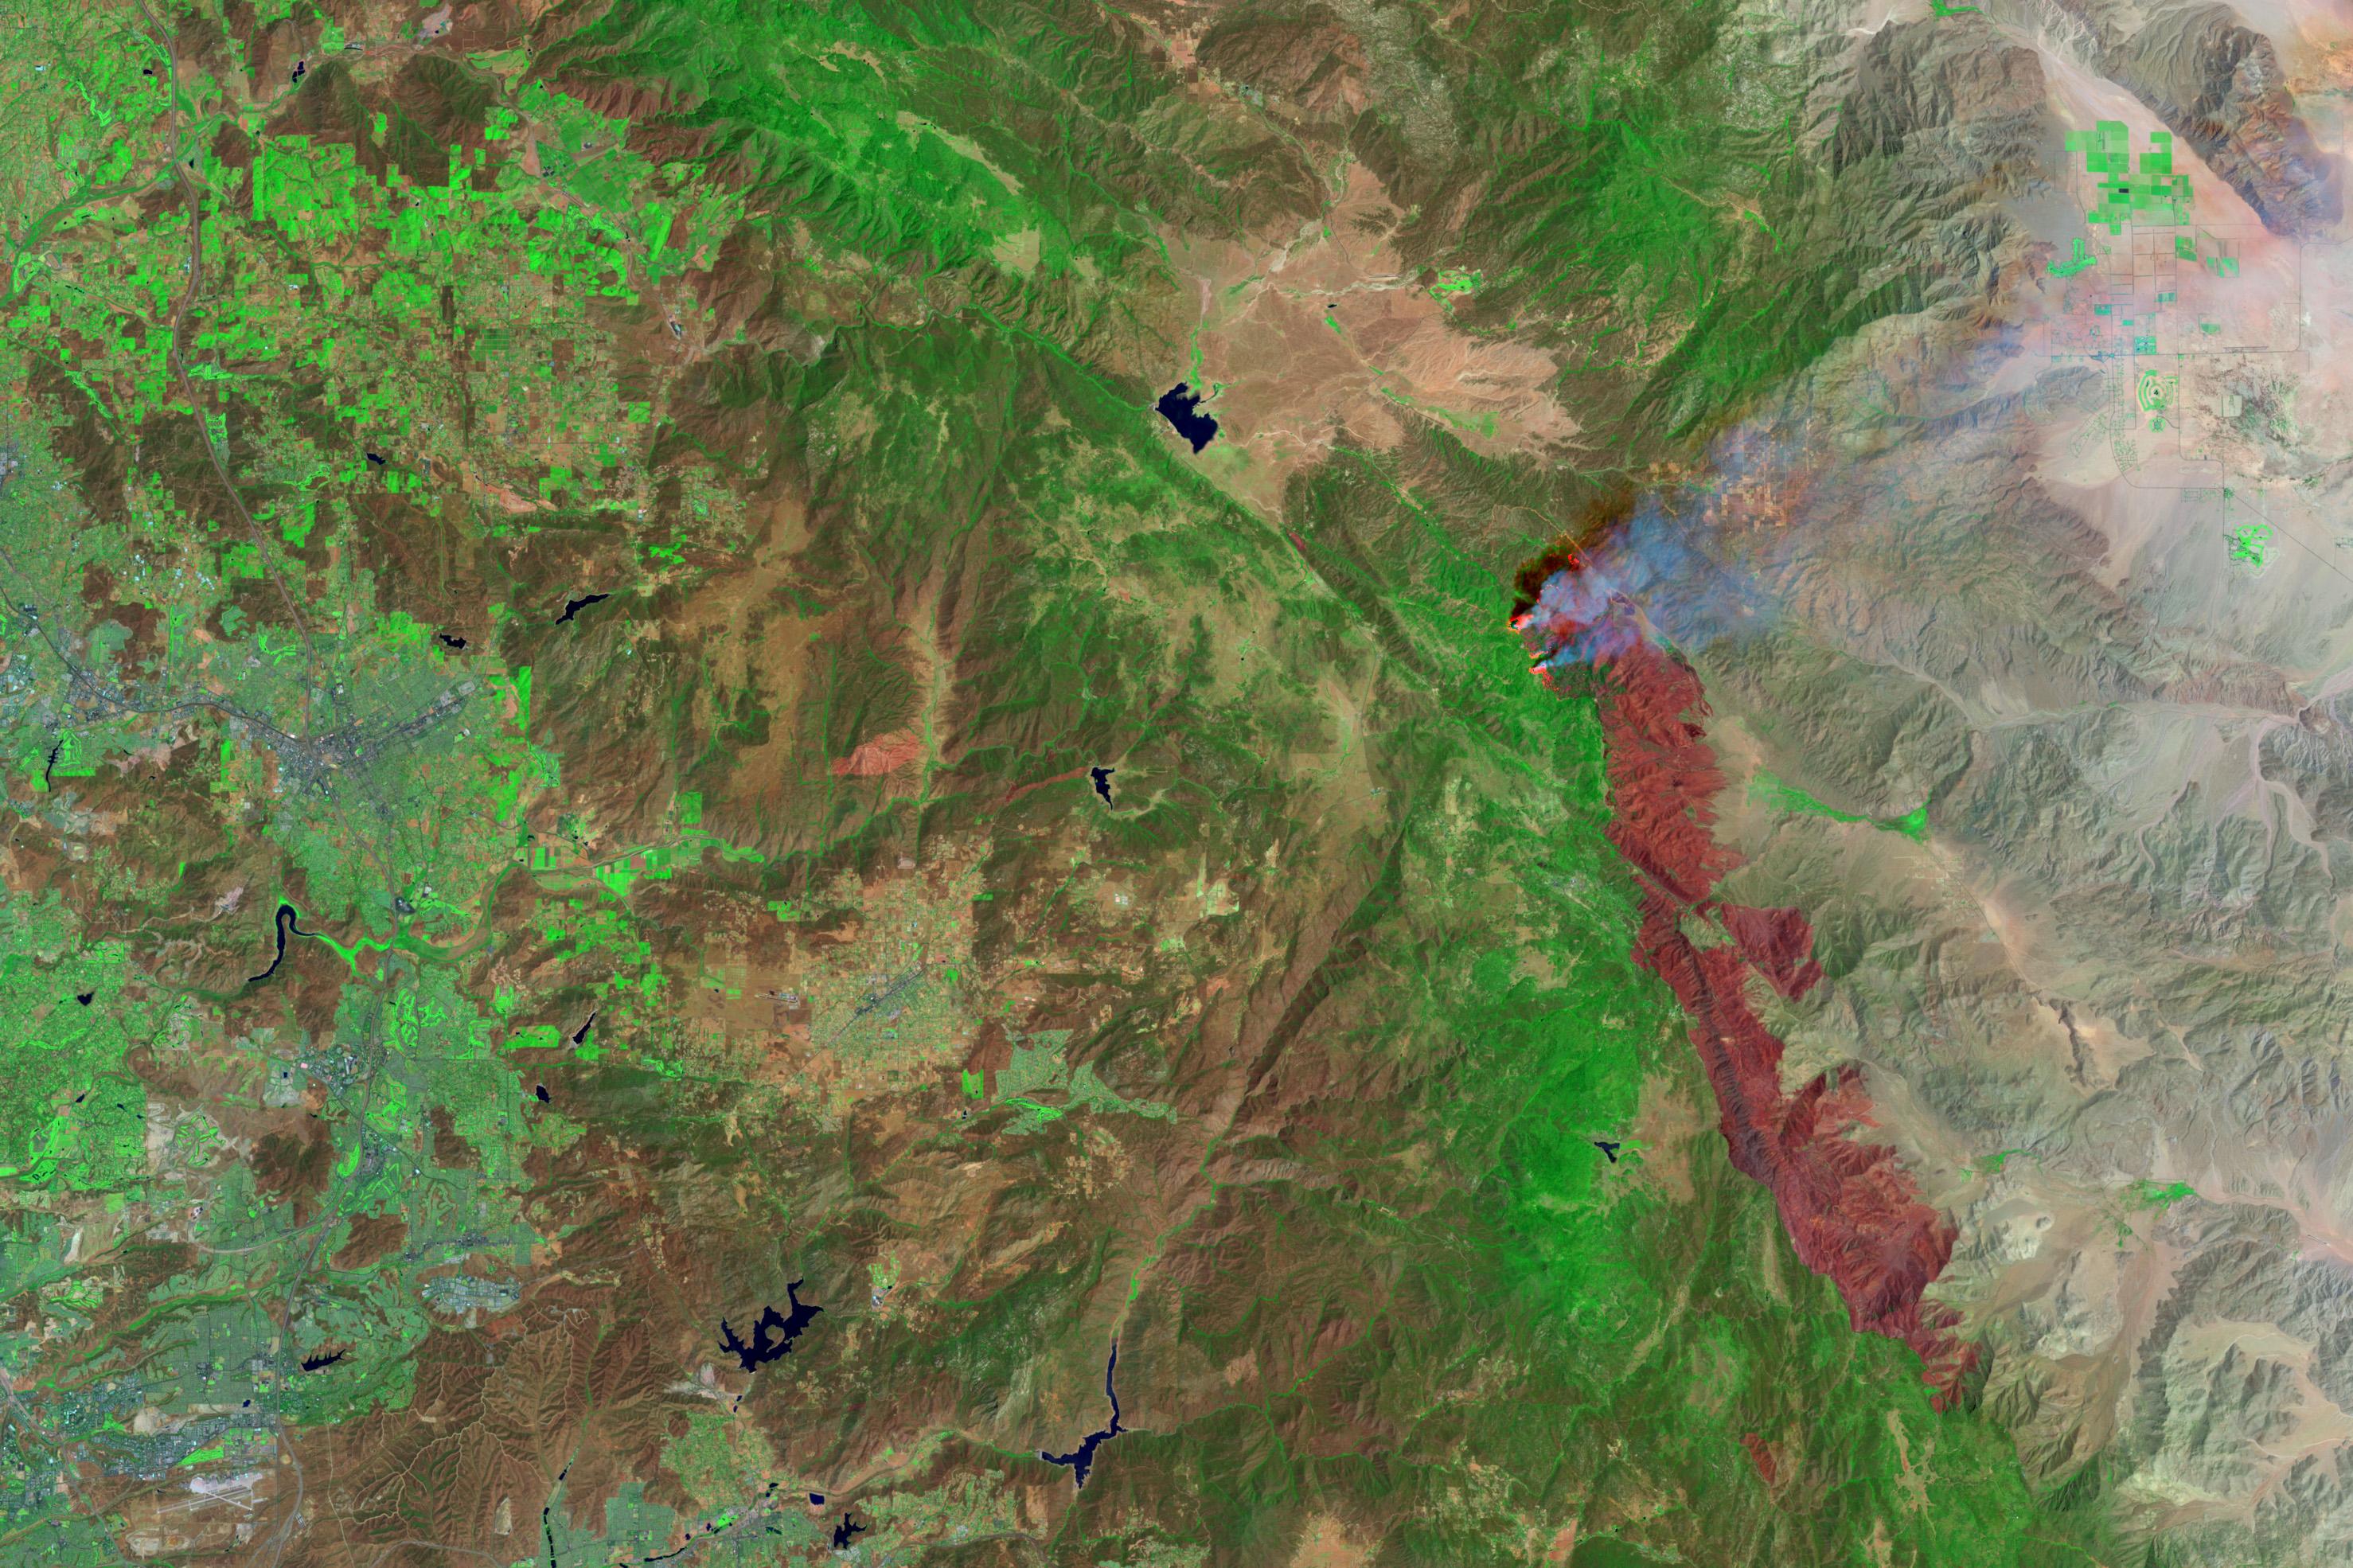 Incendio en parque estatal Anza Borrego, California